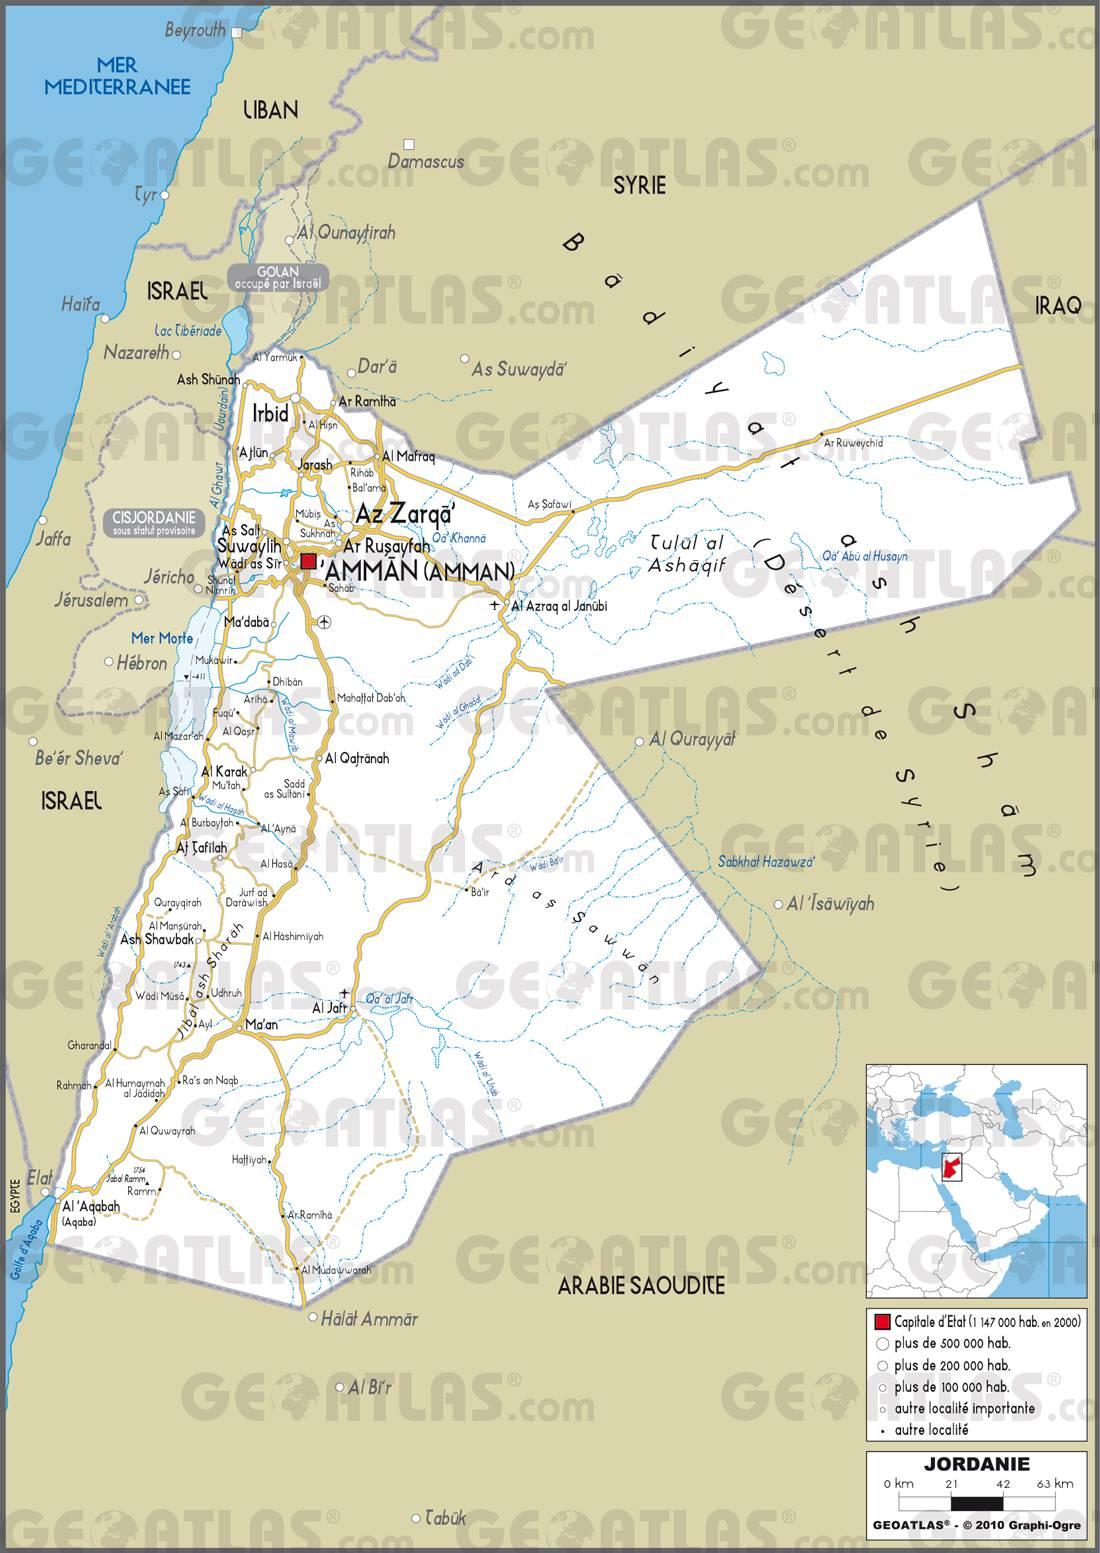 Carte routière de la Jordanie